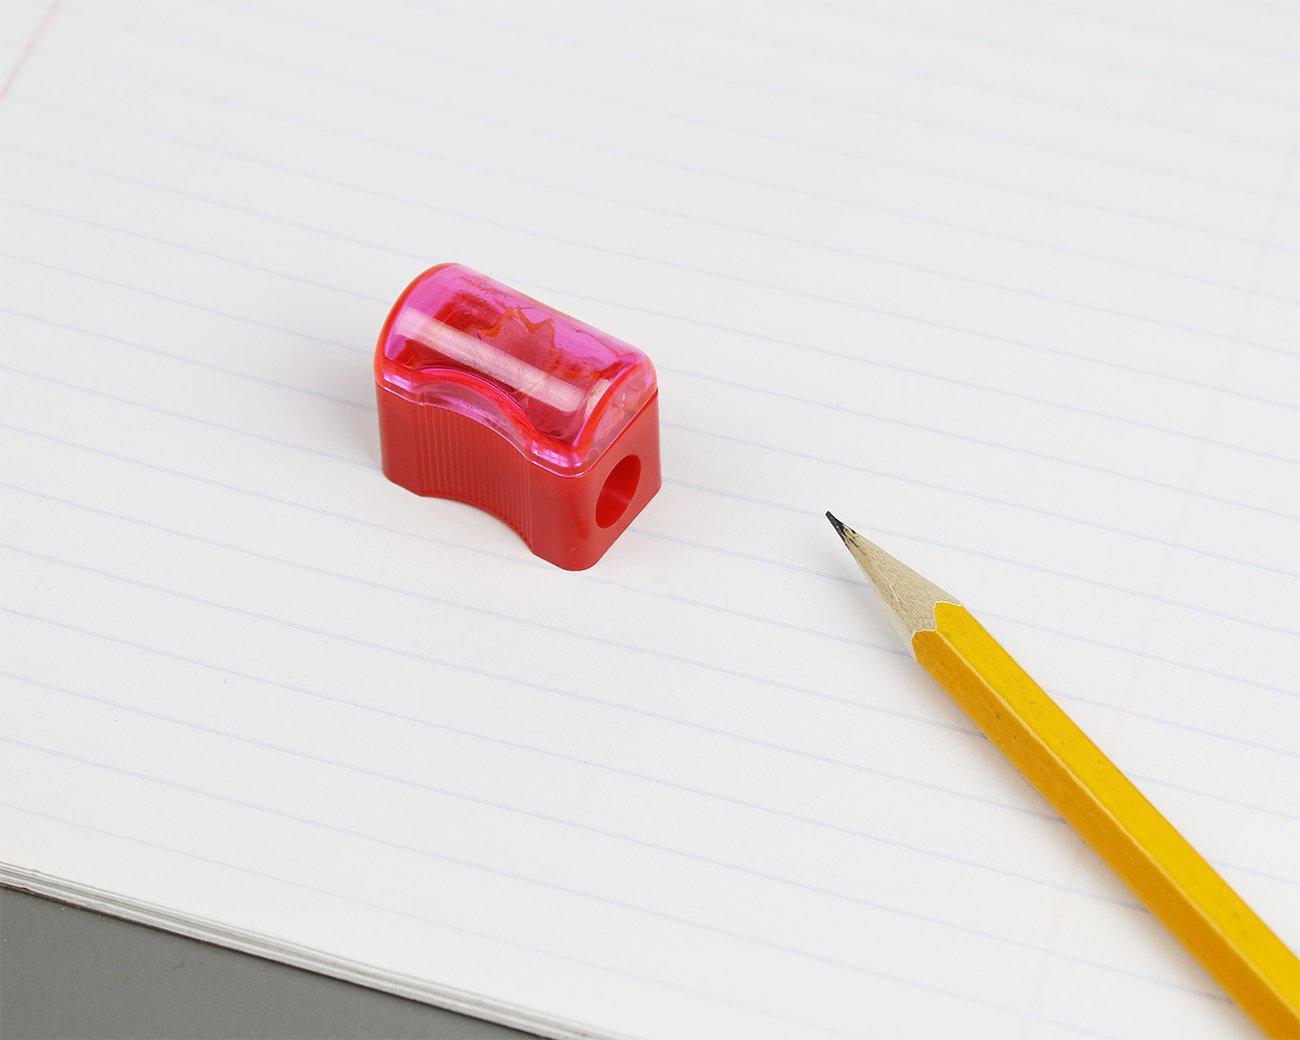 Juvale 72/plastica temperamatite/ 1/x 0.3/1,3/cm mini palmare con coperchio /manuale in colori assortiti